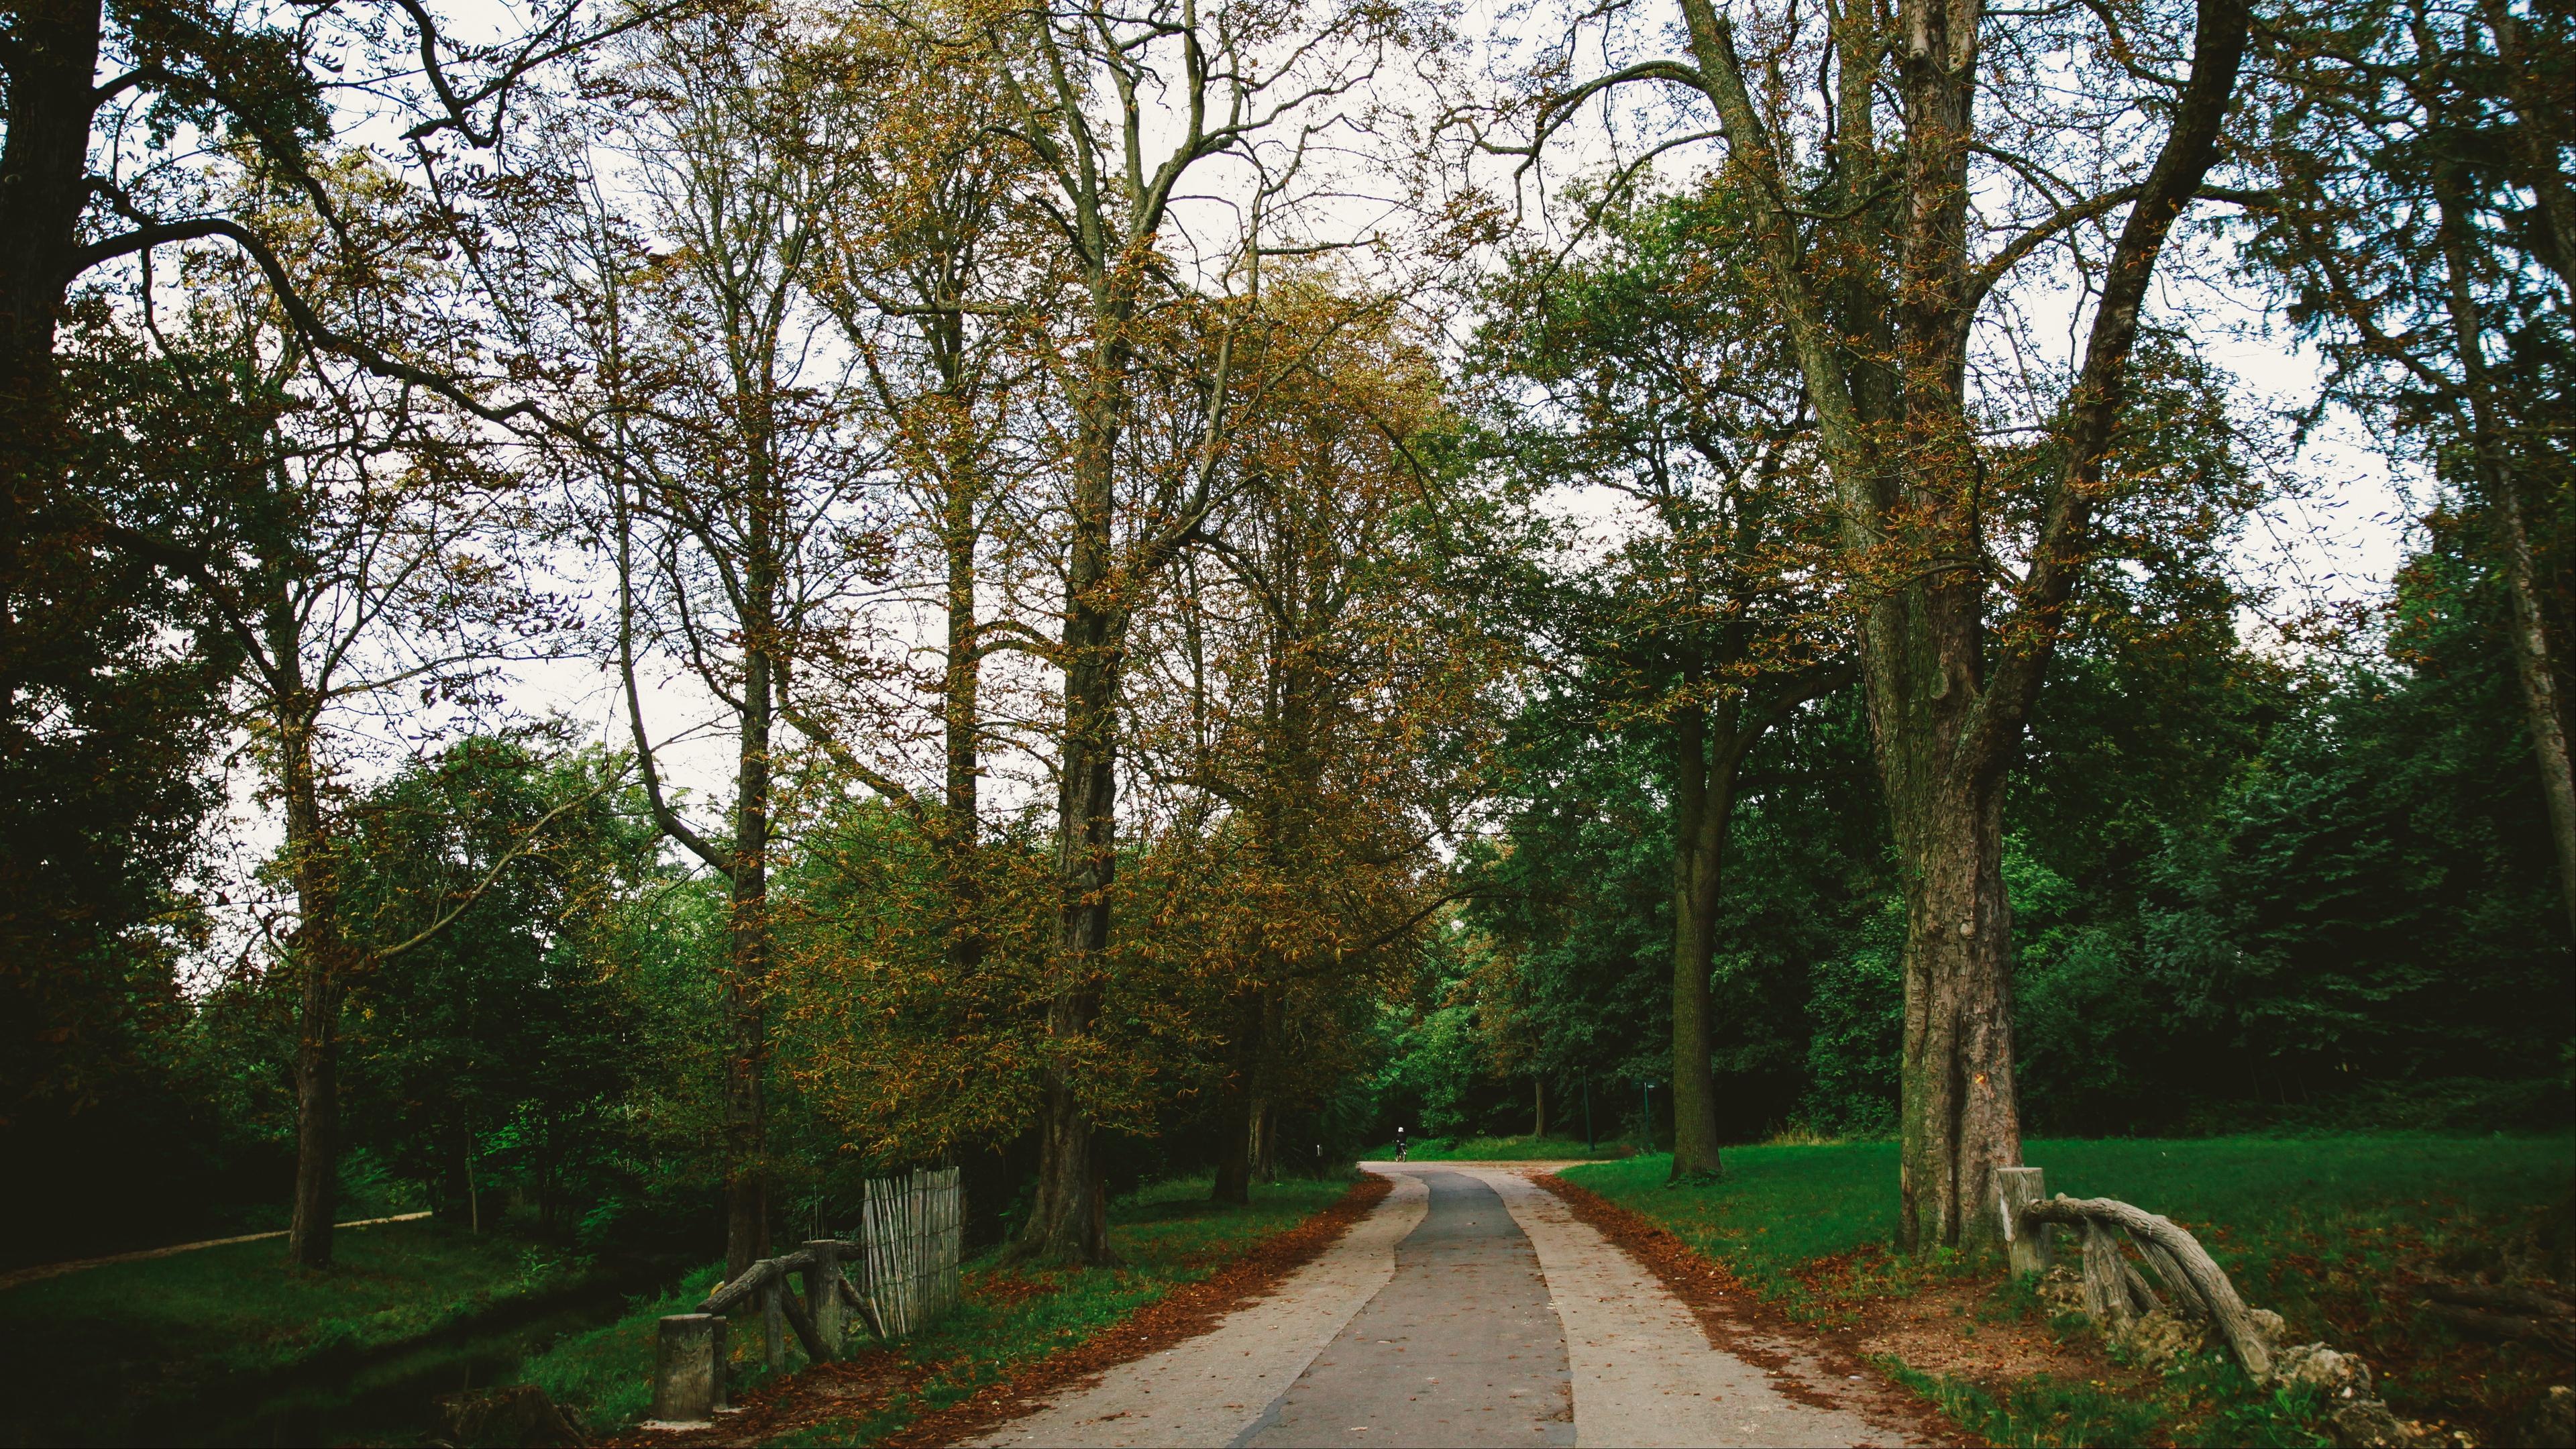 park path autumn trees paris 4k 1541117180 - park, path, autumn, trees, paris 4k - path, Park, Autumn